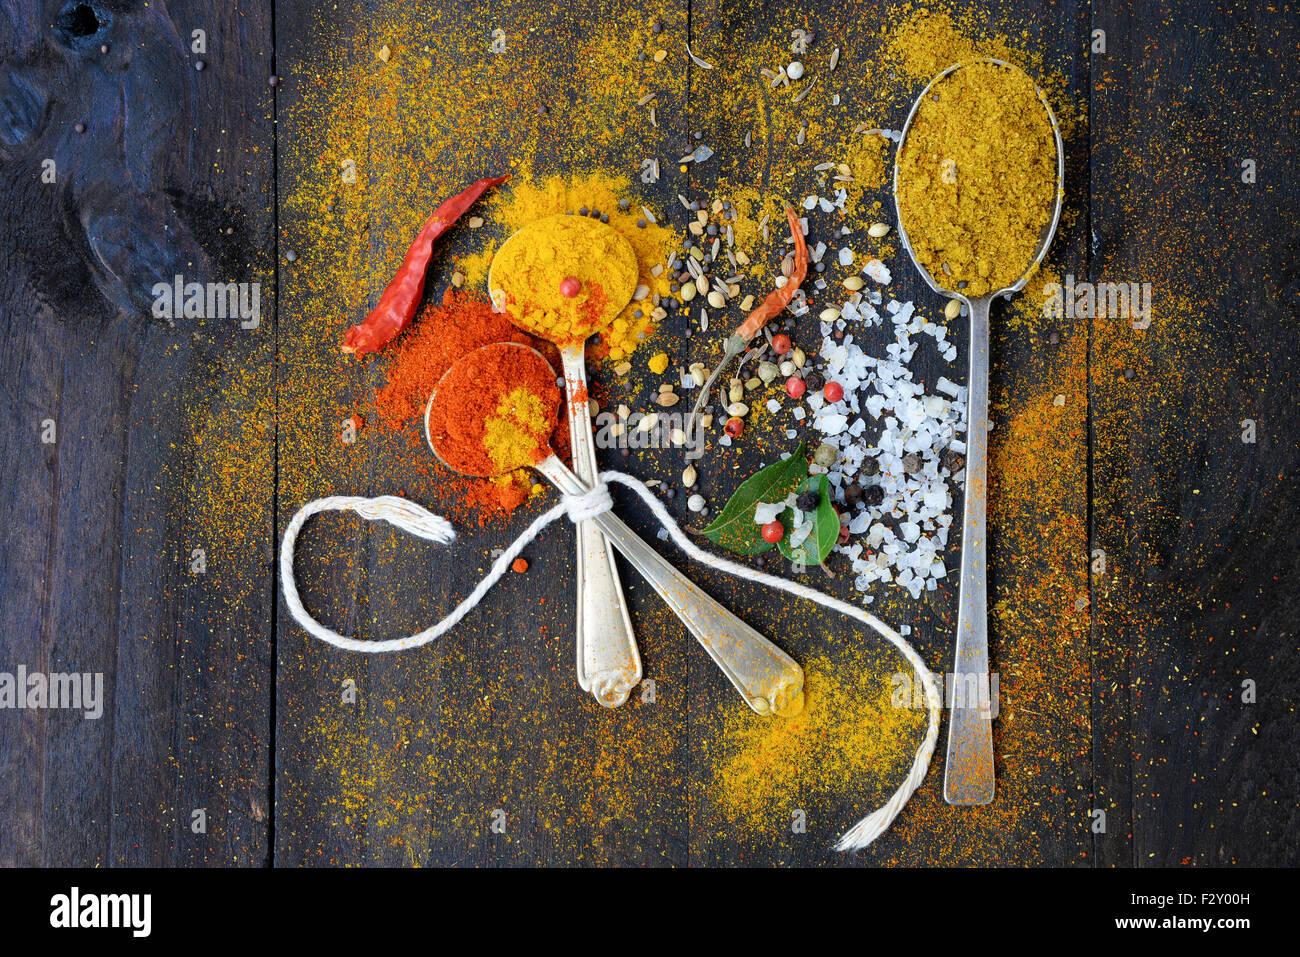 Gesunde Ernährung Hintergrund mit Kräutern und Gewürzen Auswahl auf dunklen Holztisch. Lebensmittel Stockbild